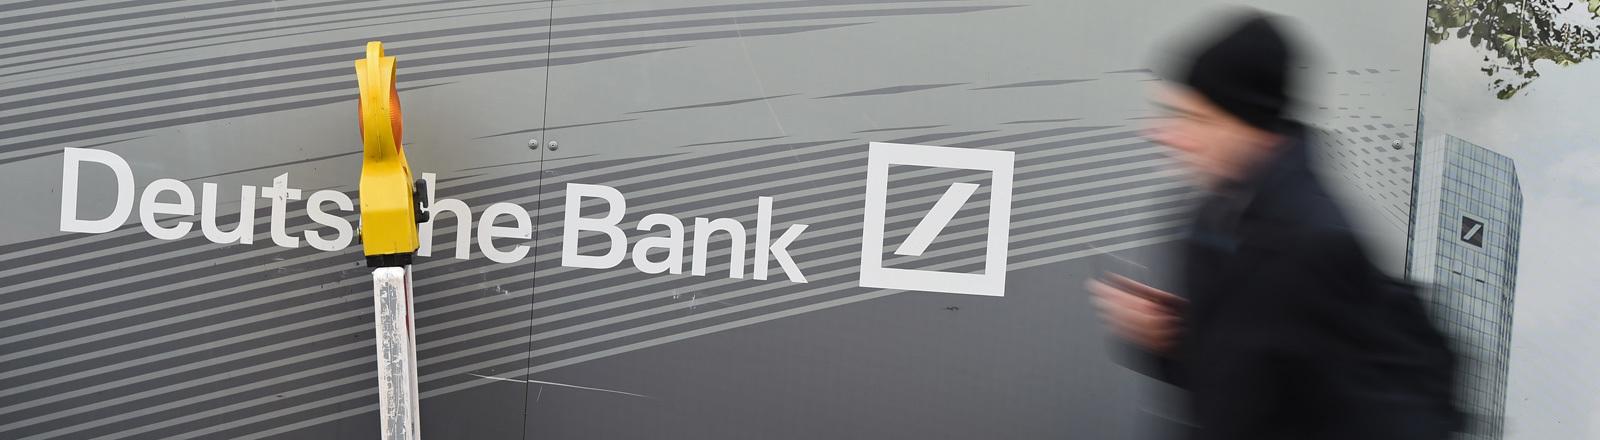 Ein Mann geht an einem Baustellenzaun mit dem Schriftzug der Deutschen Bank vorbei.